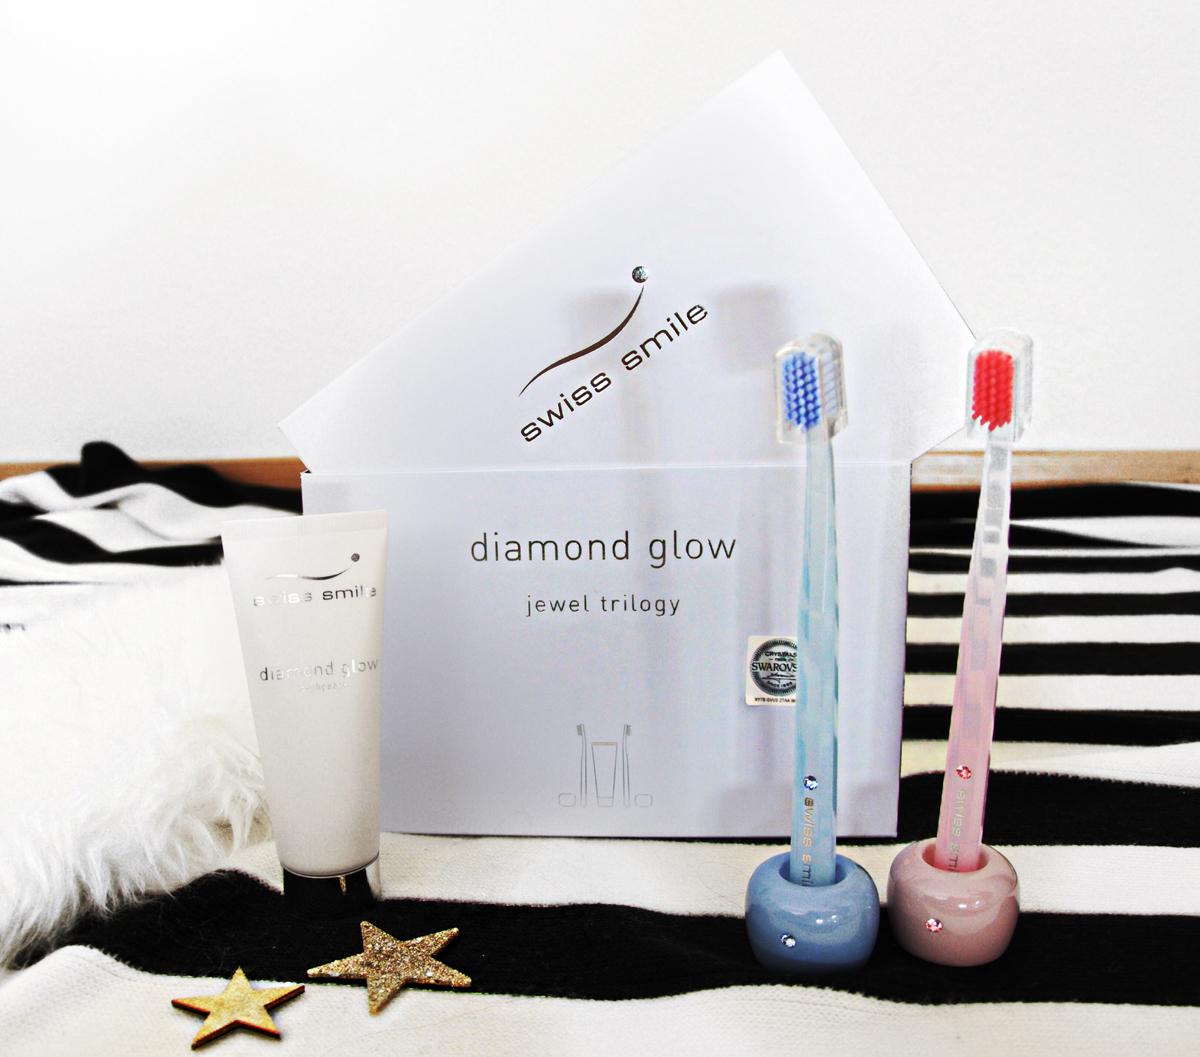 Andrea Steiner mit ihrem Mode- und Beauty blog Strawberries & Champagne aus Luzern (Schweiz) testet die Produkte von Swiss Smile.